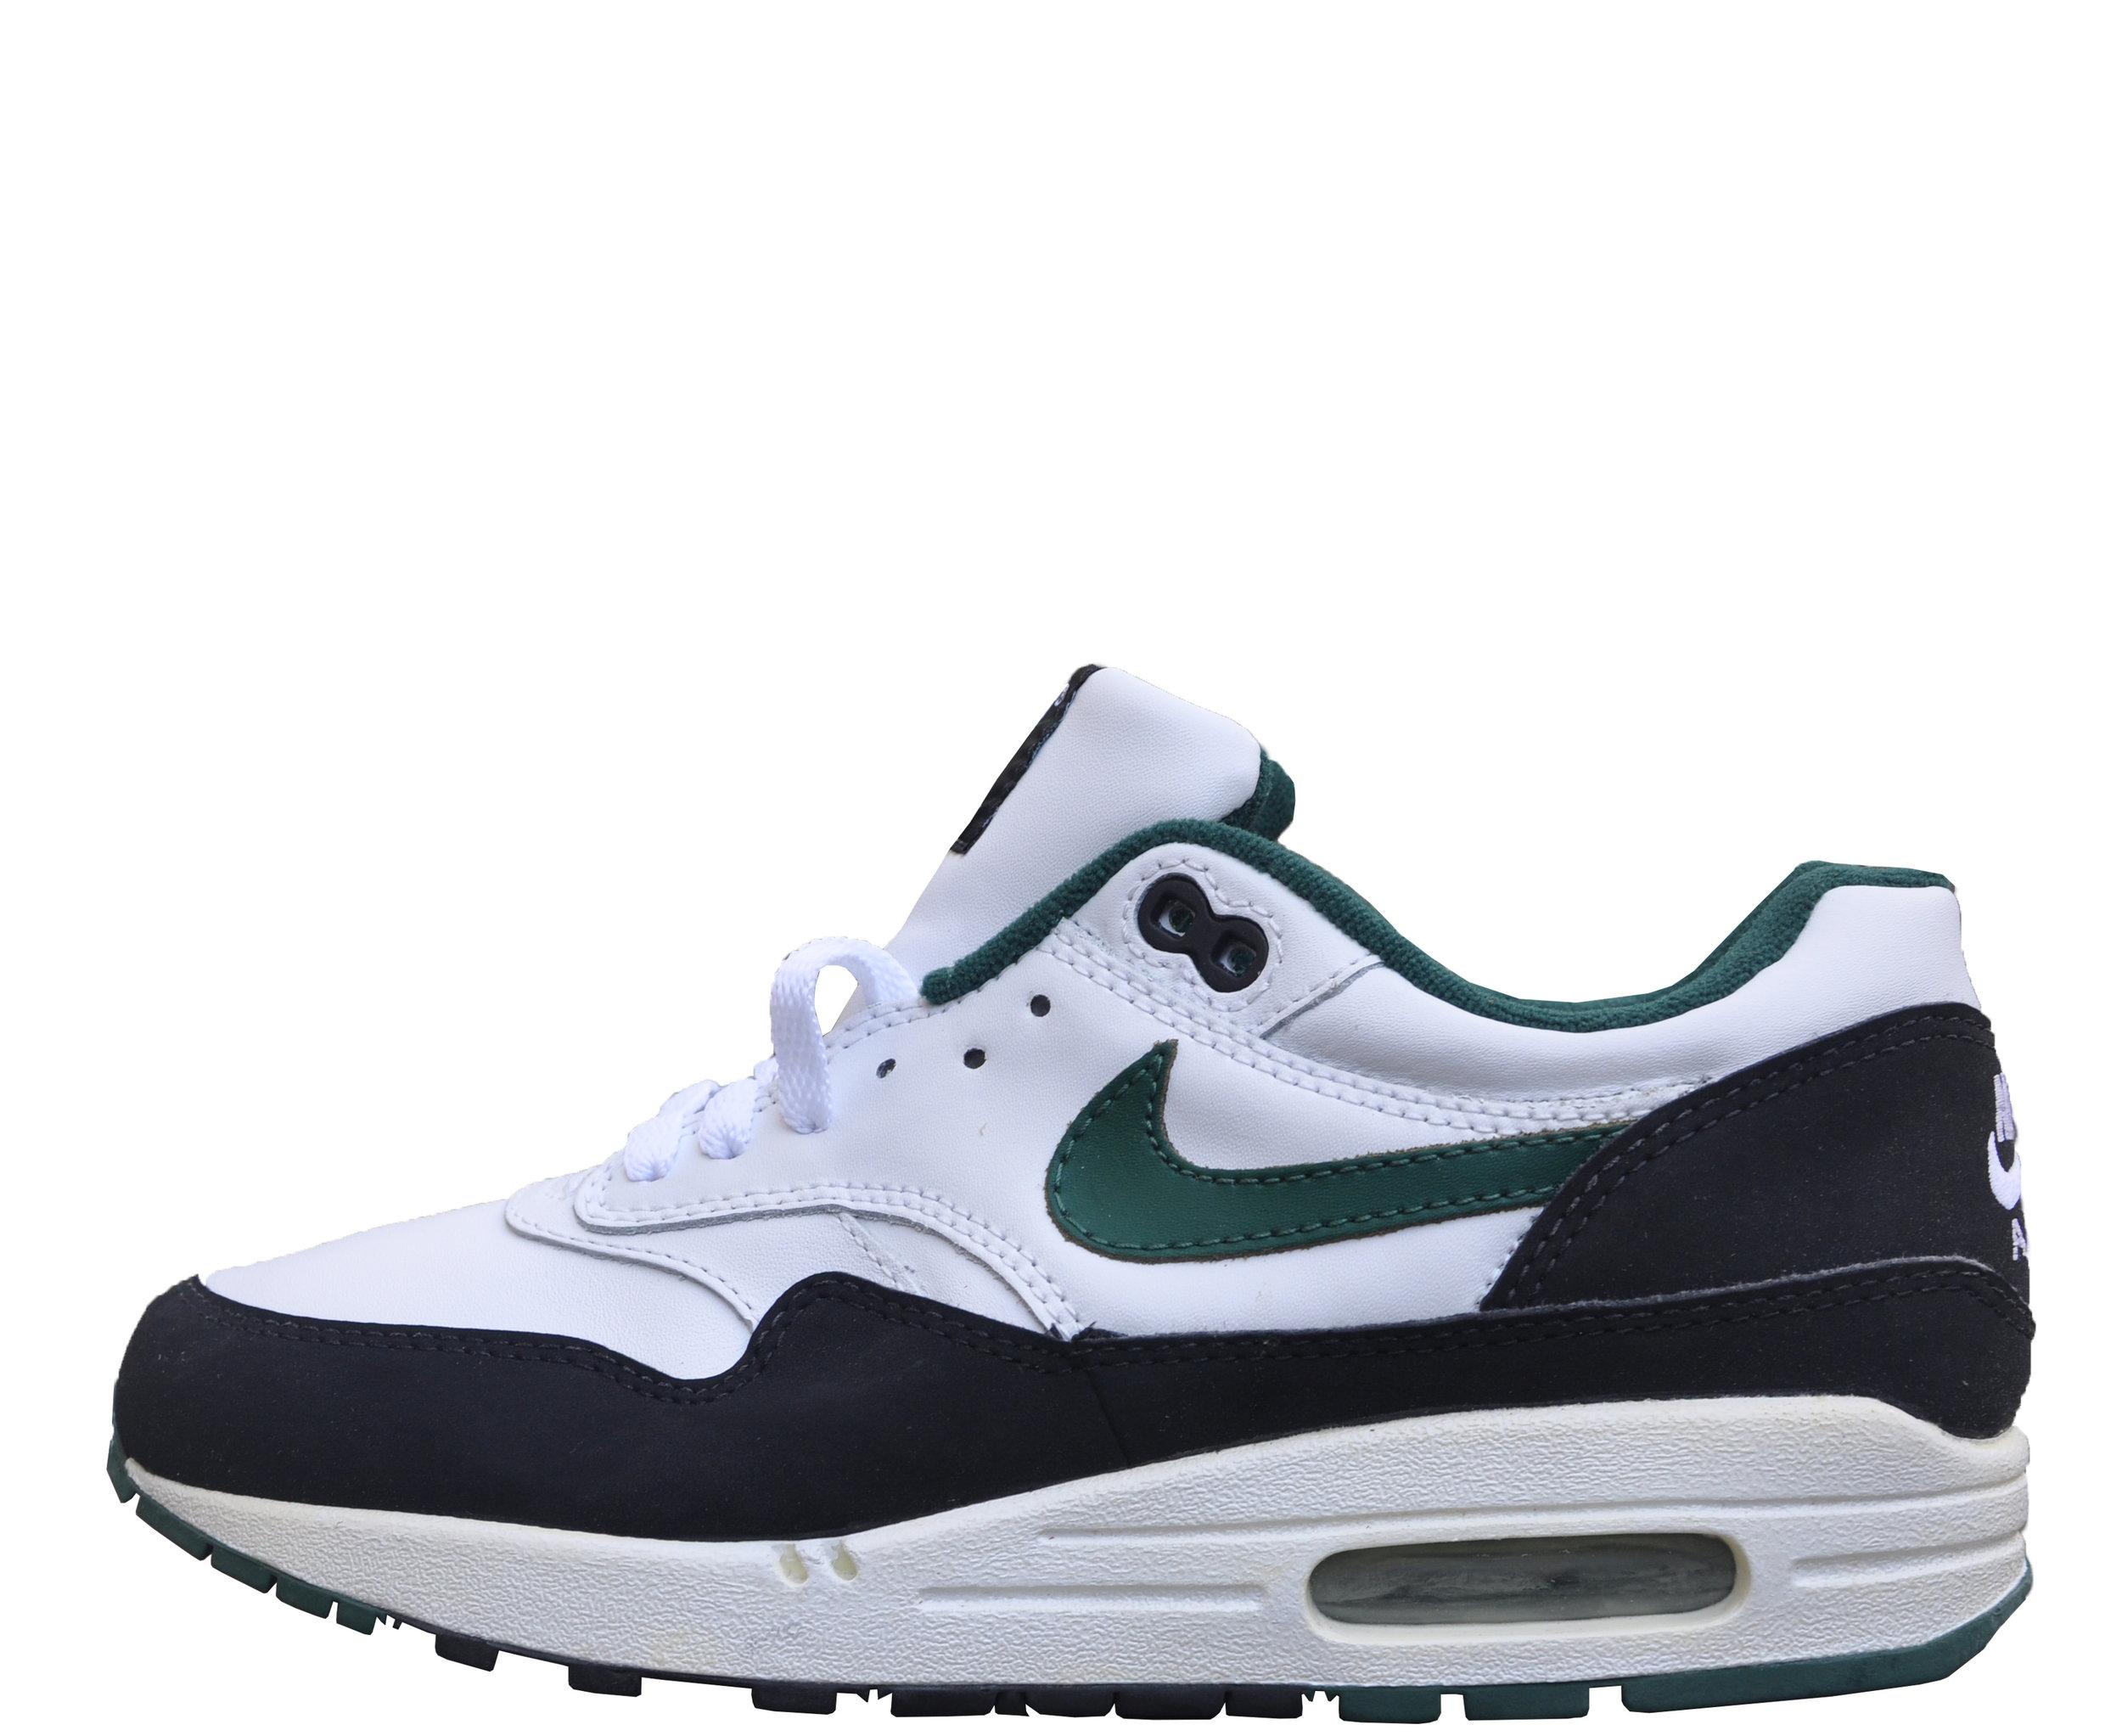 Nike Air Max 1 White / Black / Green DS